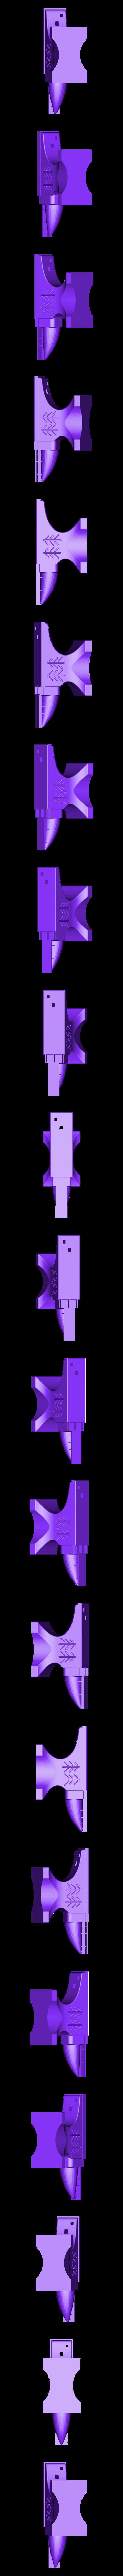 ANVIL_D.stl Télécharger fichier STL gratuit L'enclume du forgeron • Design à imprimer en 3D, WorksBySolo